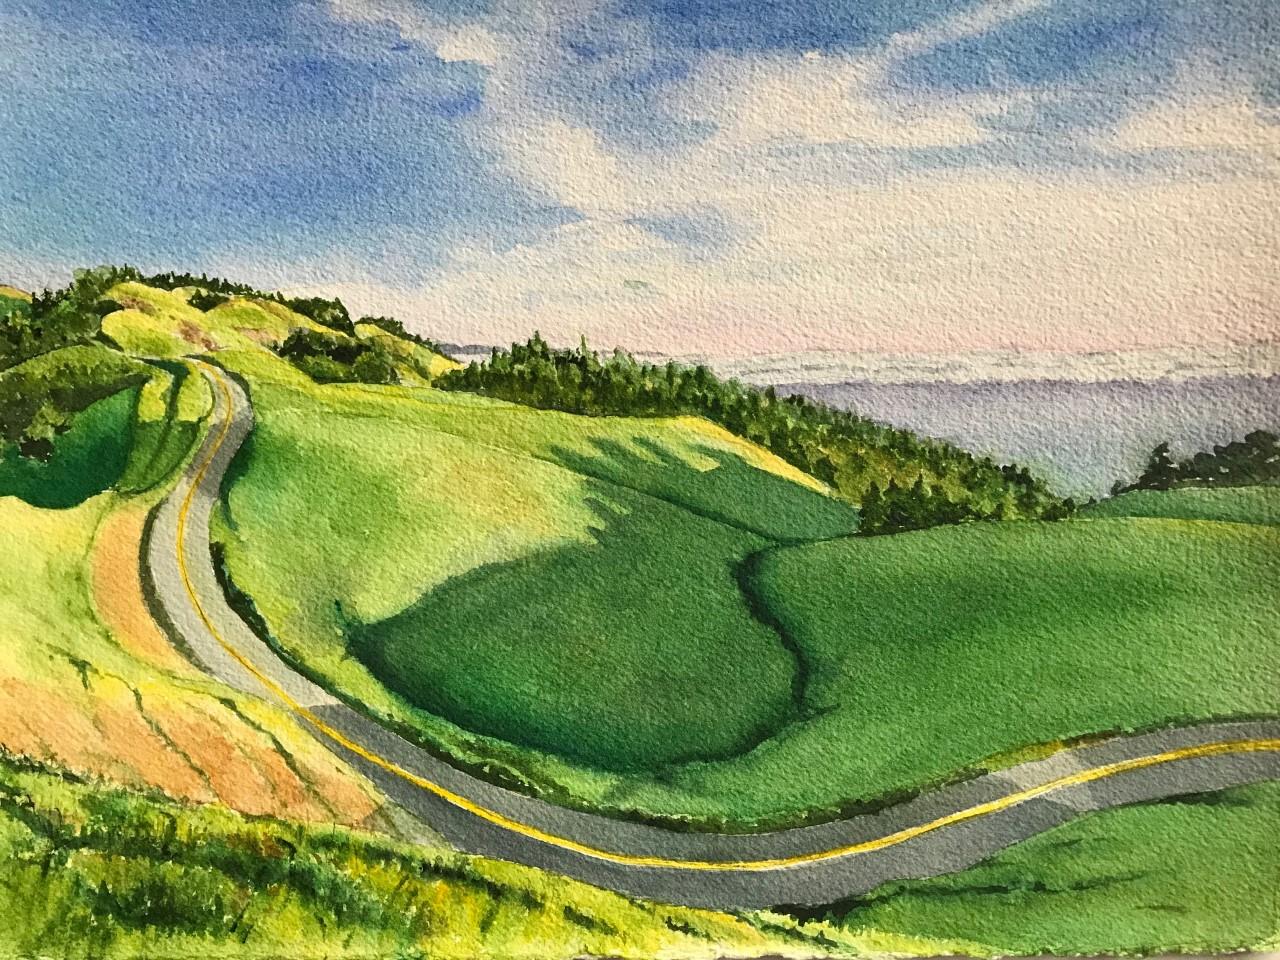 Bolinas Ridge